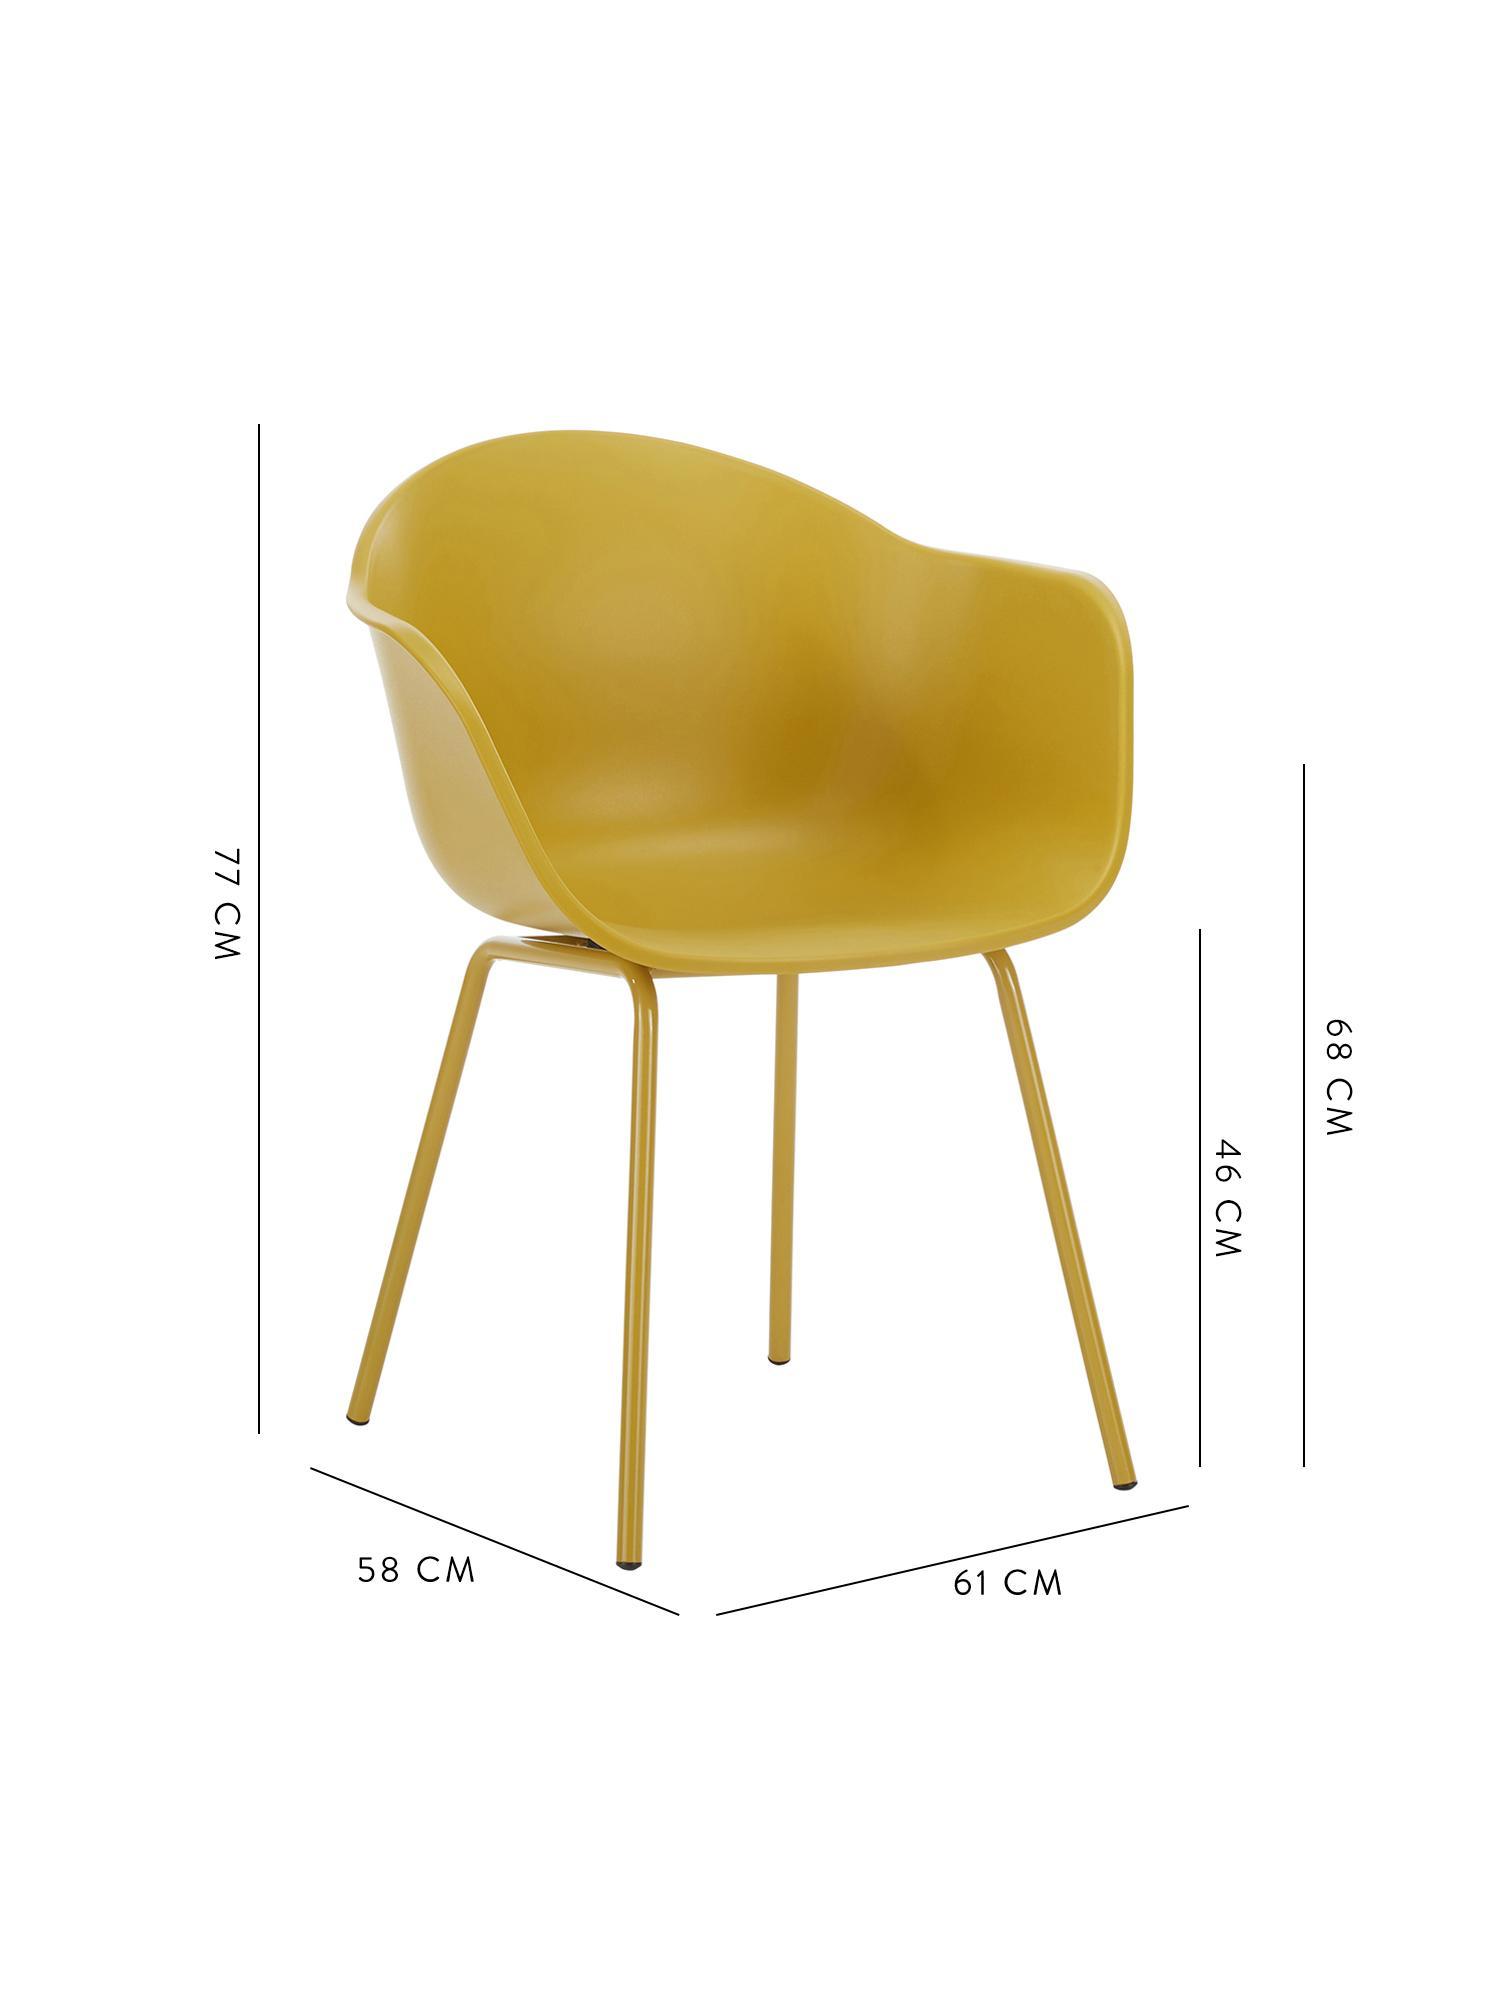 Sedia con braccioli in plastica con gambe in metallo Claire, Seduta: materiale sintetico, Gambe: metallo verniciato a polv, Giallo, Larg. 54 x Prof. 60 cm